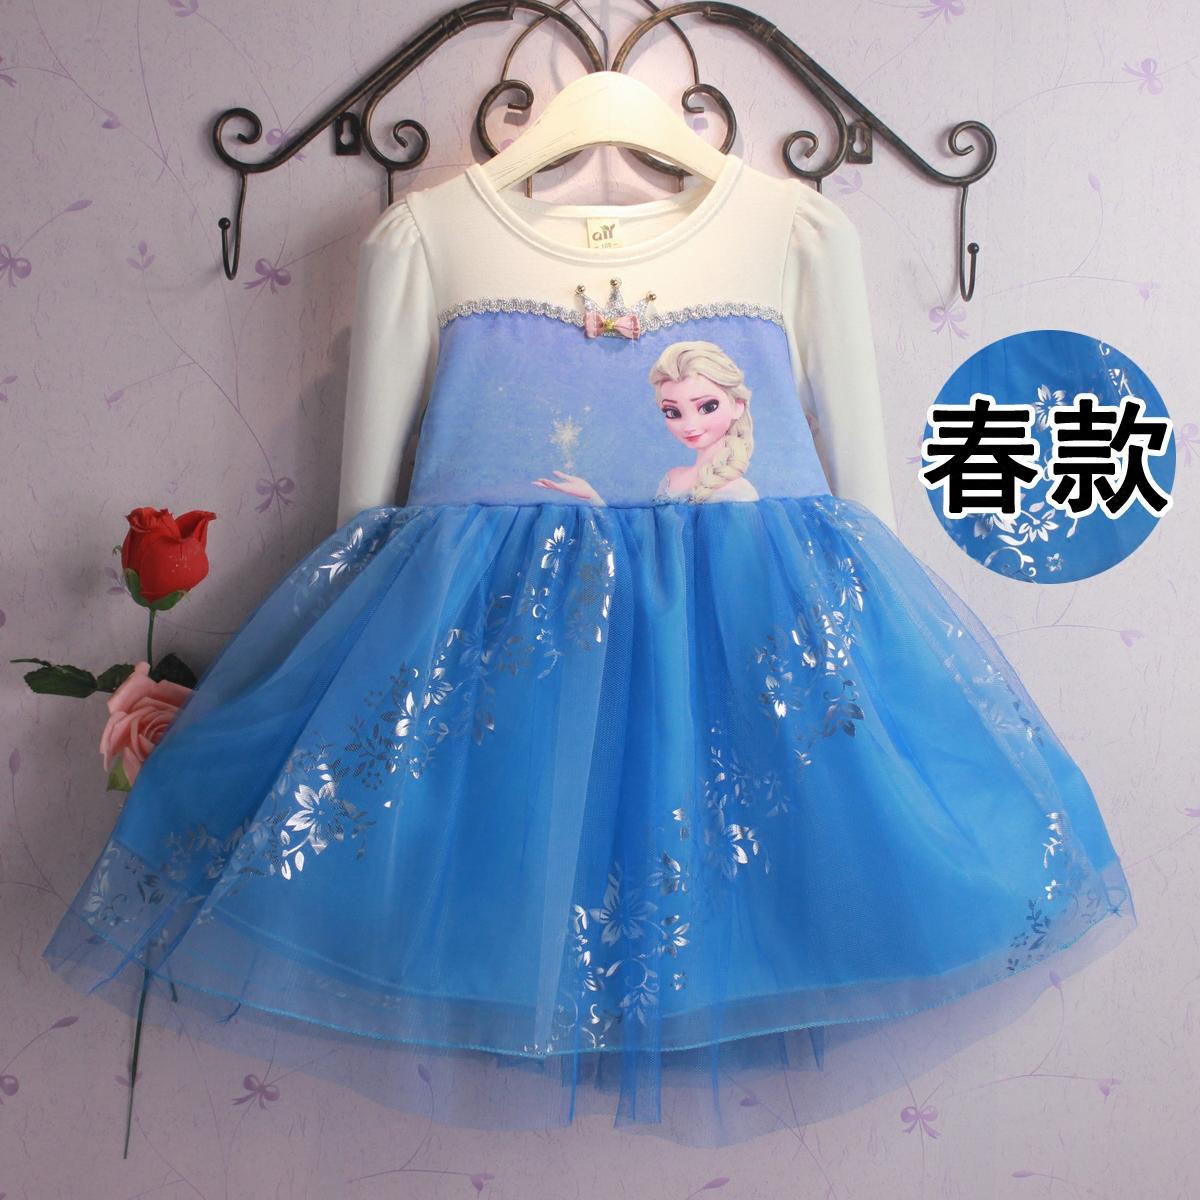 正品[童装知名品牌排行榜]知名童装品牌有哪些